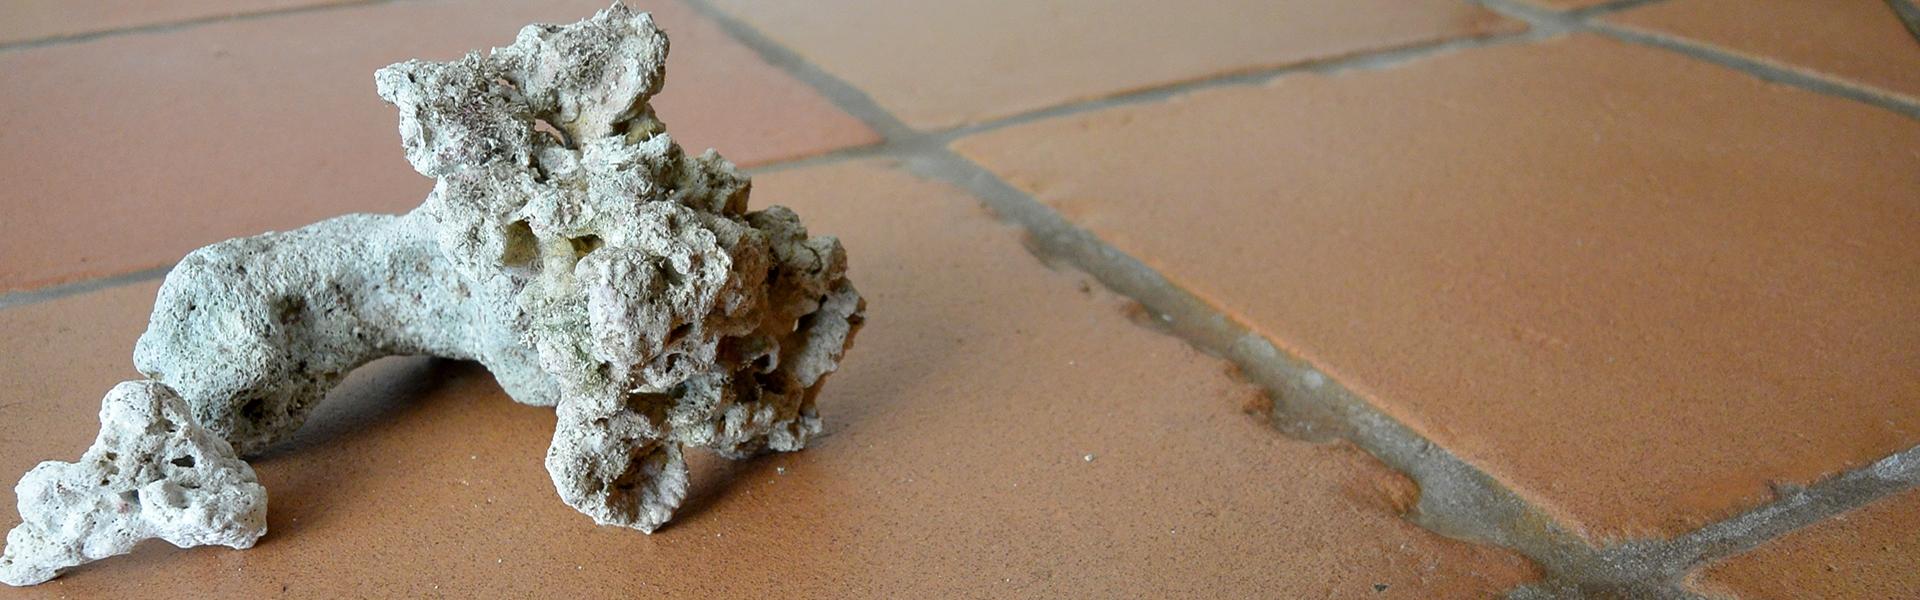 Limpieza De Suelos Hidr Ulicos Plaza Espa A ~ Como Limpiar Suelo Hidraulico Antiguo